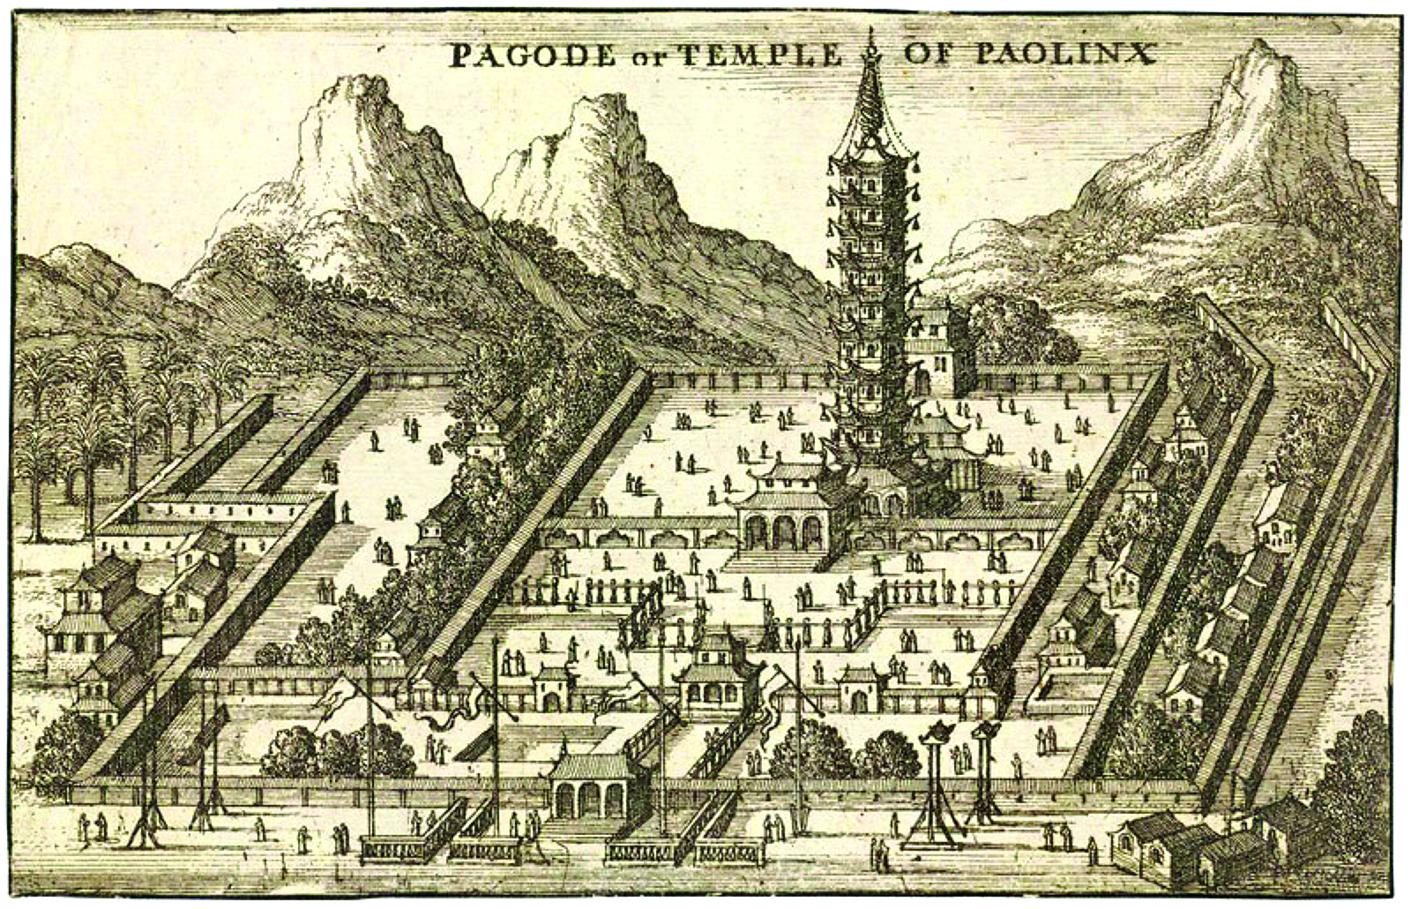 南京大報恩寺塔,建於明永樂年間,毀於清太平天國時期。早期到中國旅行的西方人曾讚譽這座塔氣勢宏偉、作工精美,是東方最偉大的建築。(公有領域)